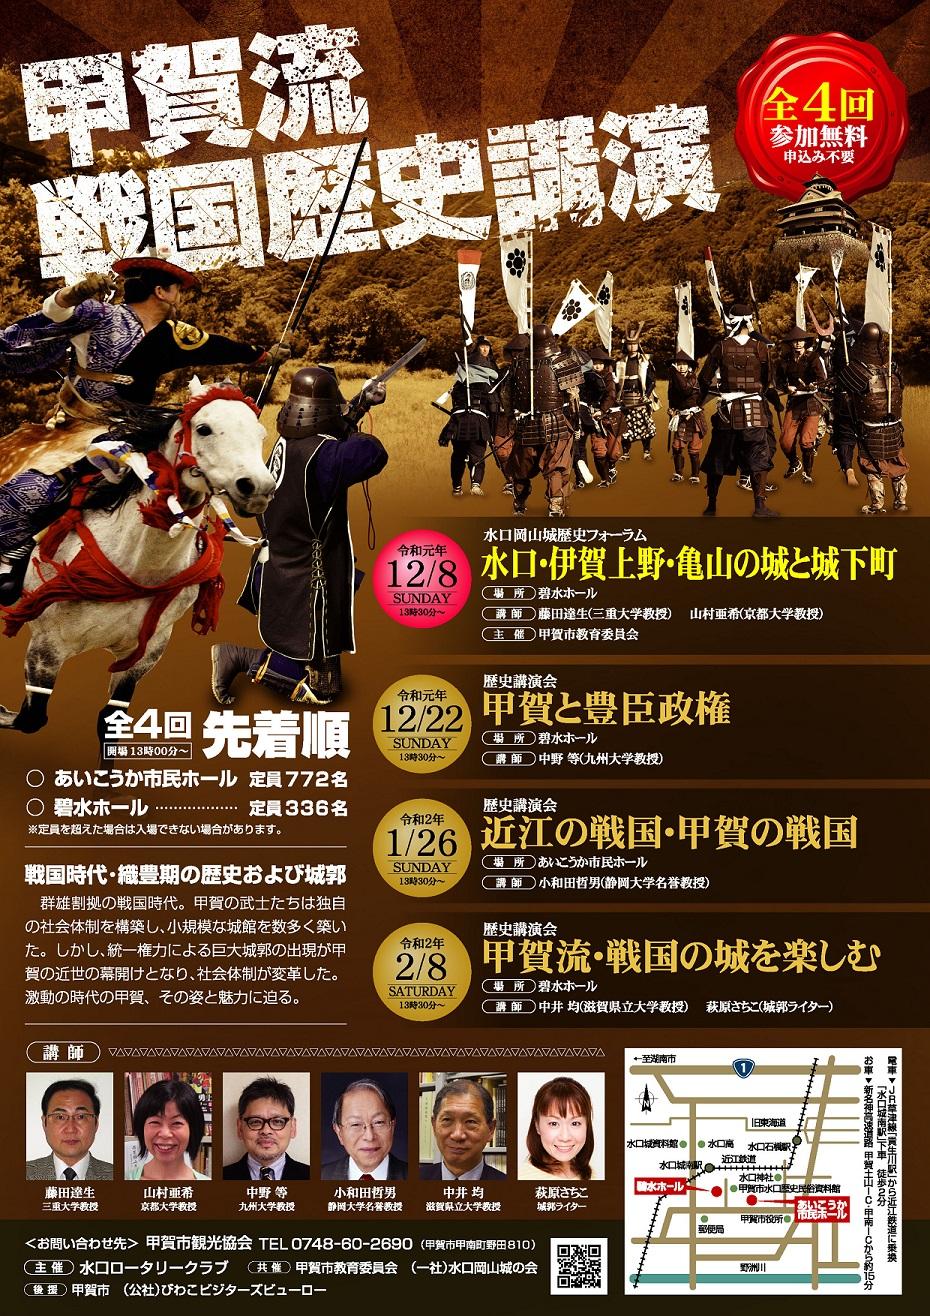 甲賀流戦国歴史講演のお知らせ